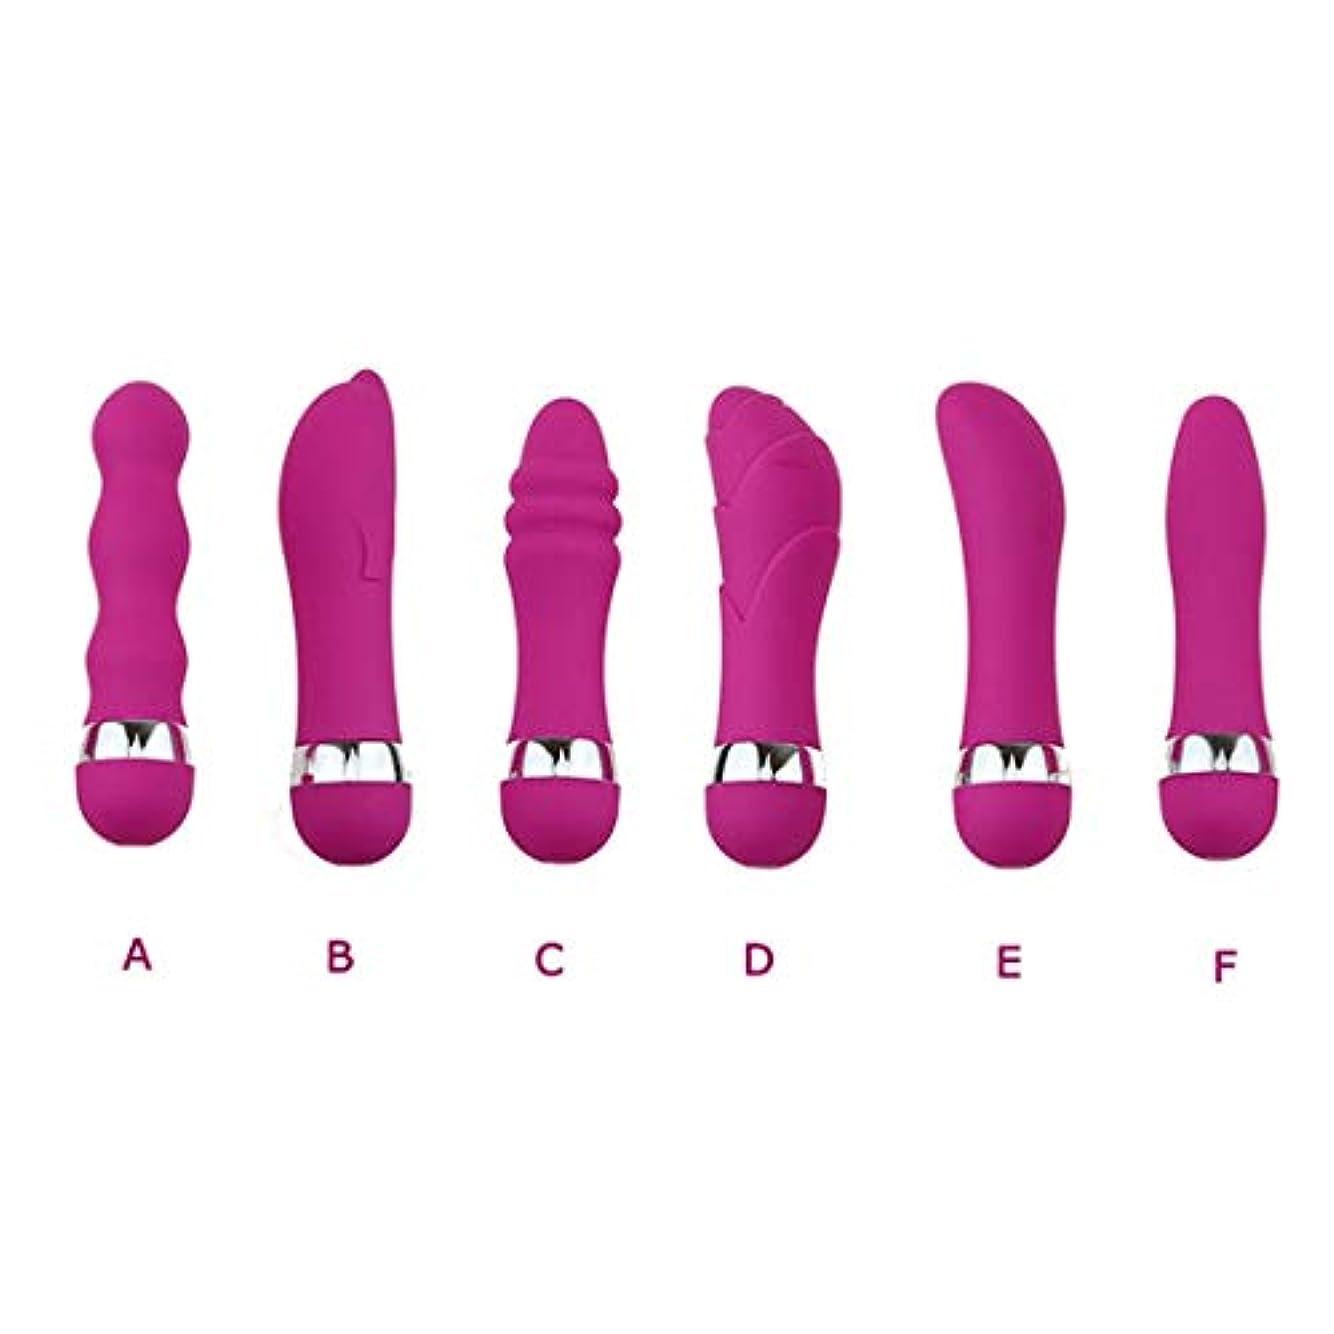 マラウイ同行試験ZHITMRセクシーなミニ裏庭Gポイント女性バイブレーター大人カップル刺激シリコーンスティック スティック (サイズ : 6-piece set)